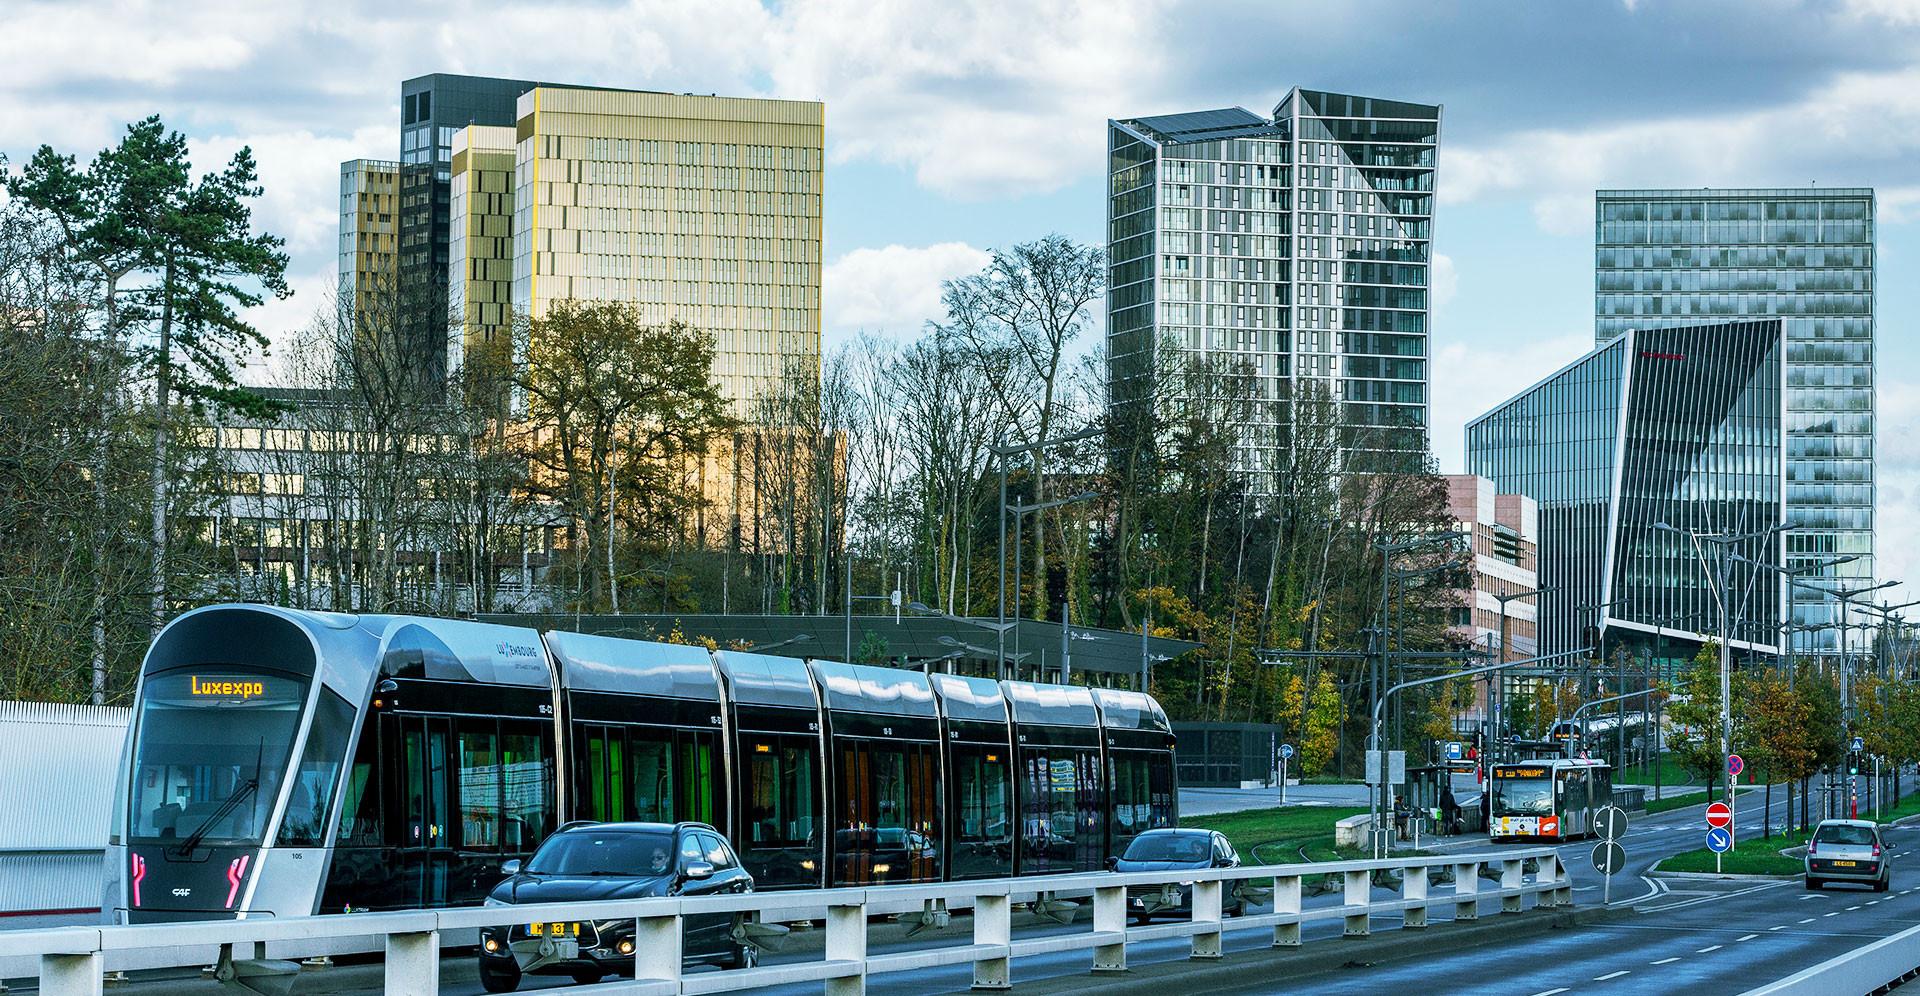 Kirchberg - Luxembourg